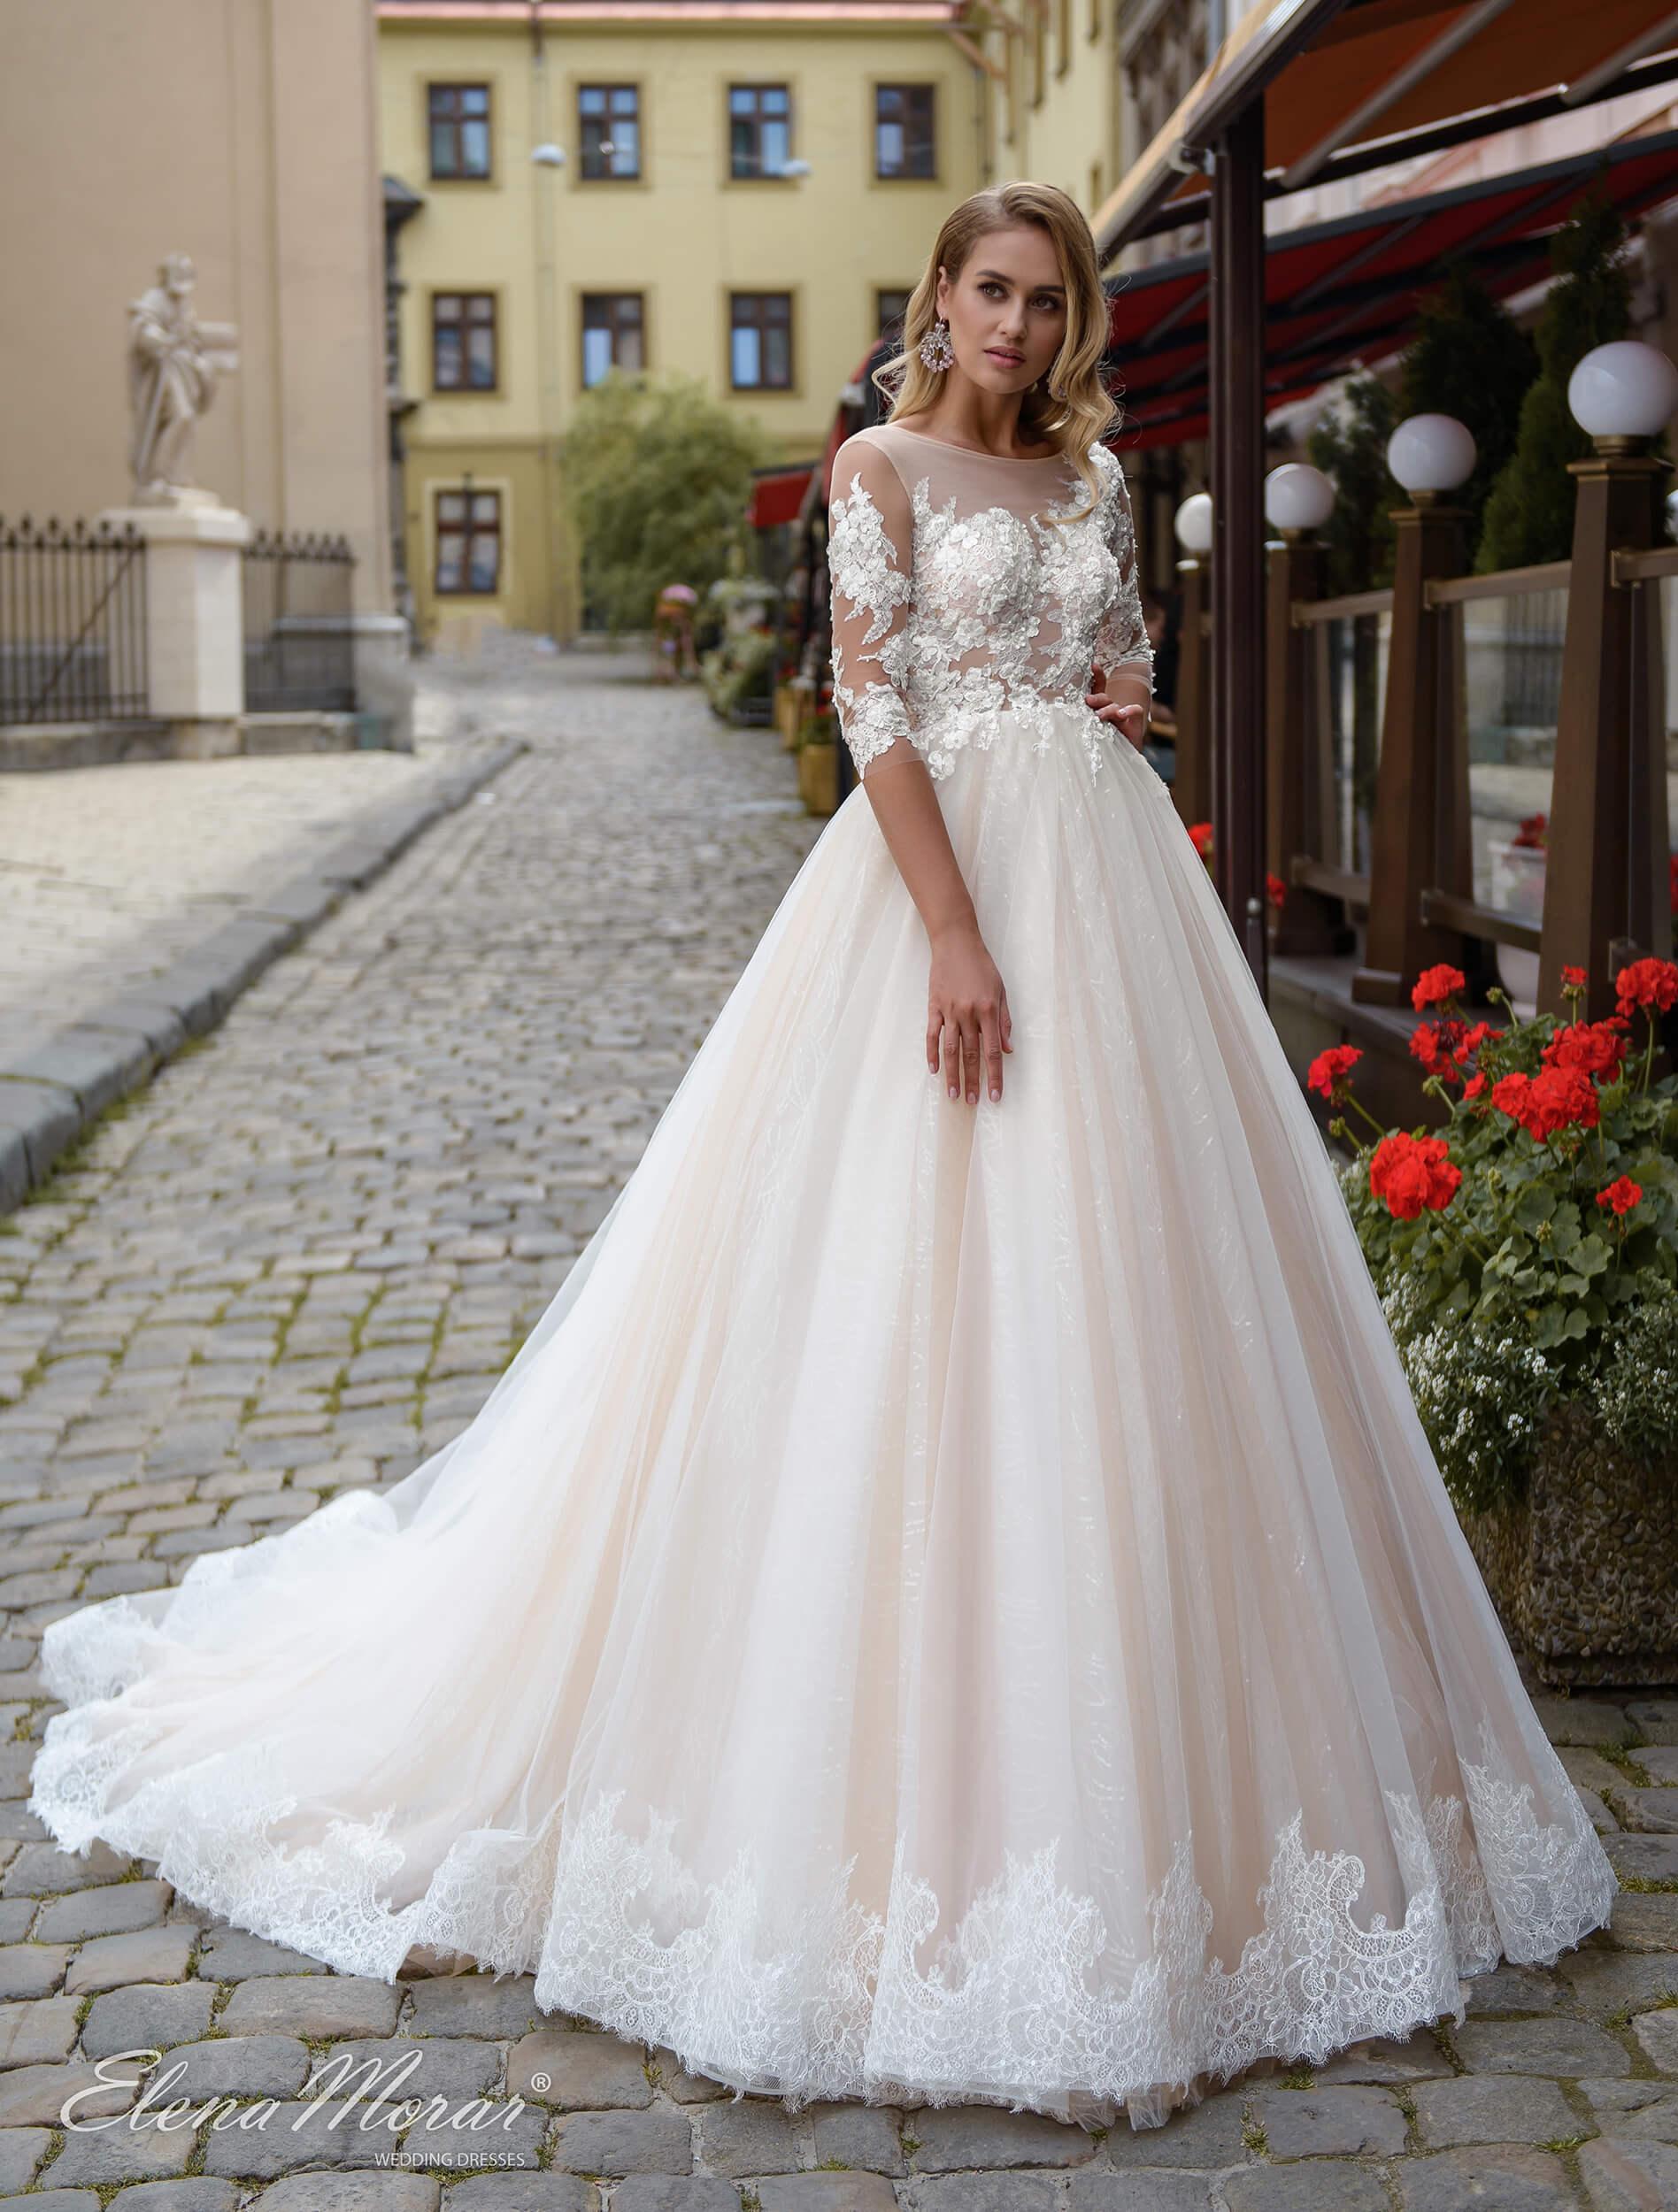 пышные свадебные платья со шлейфом (1) | Vero